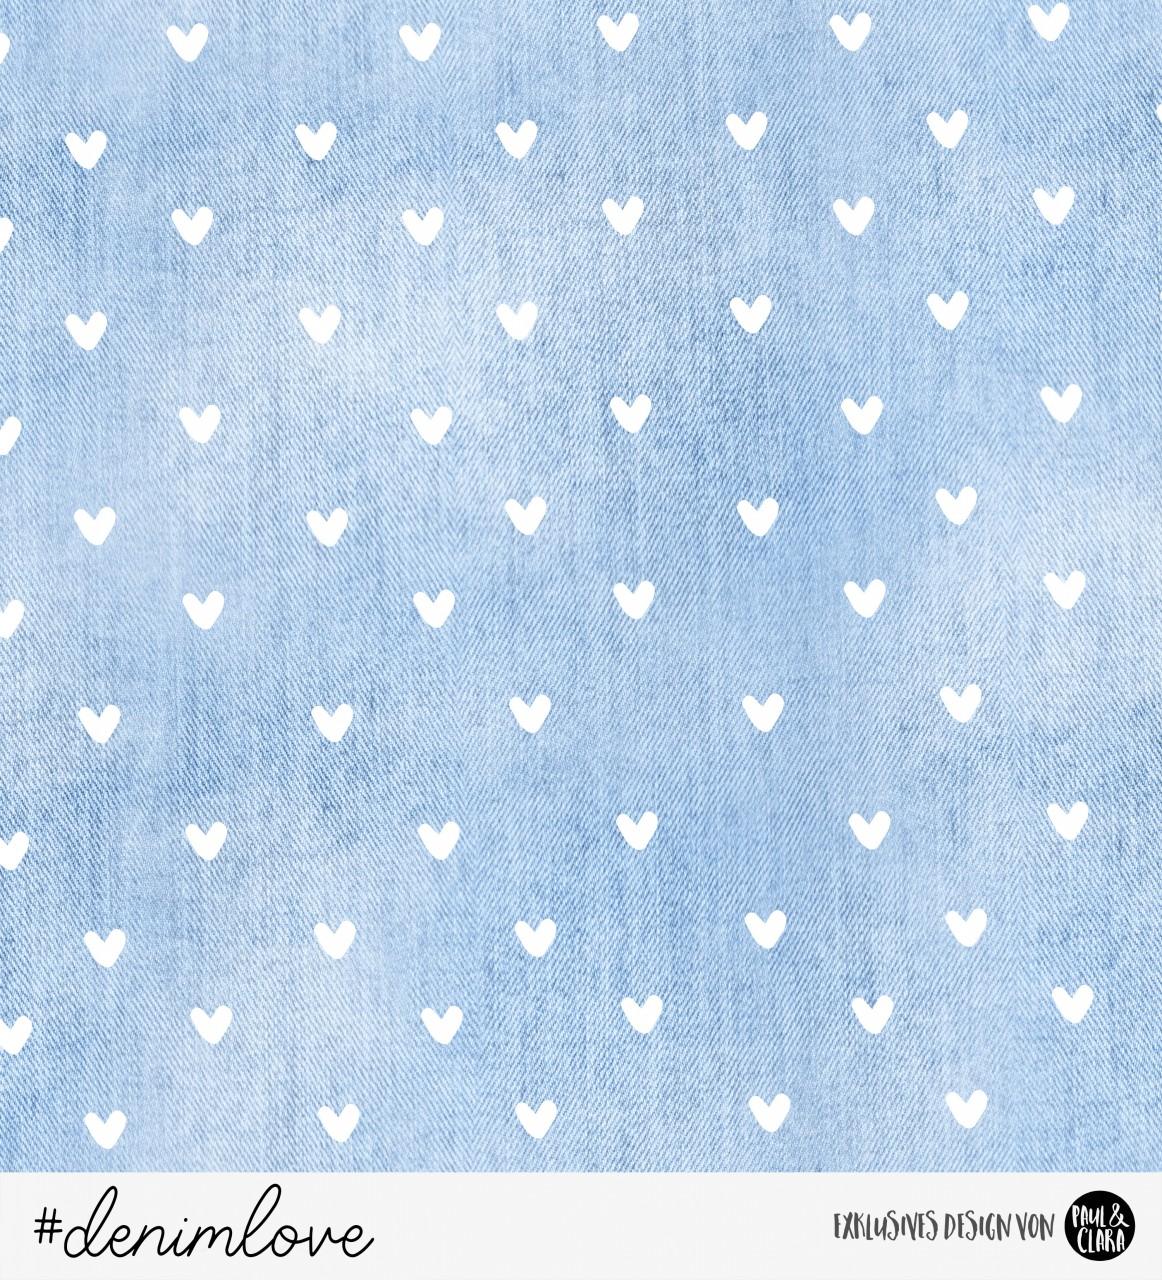 89 cm RESTSTÜCK-denimlove  - Blau Herzen *Bio-Sommersweat*-